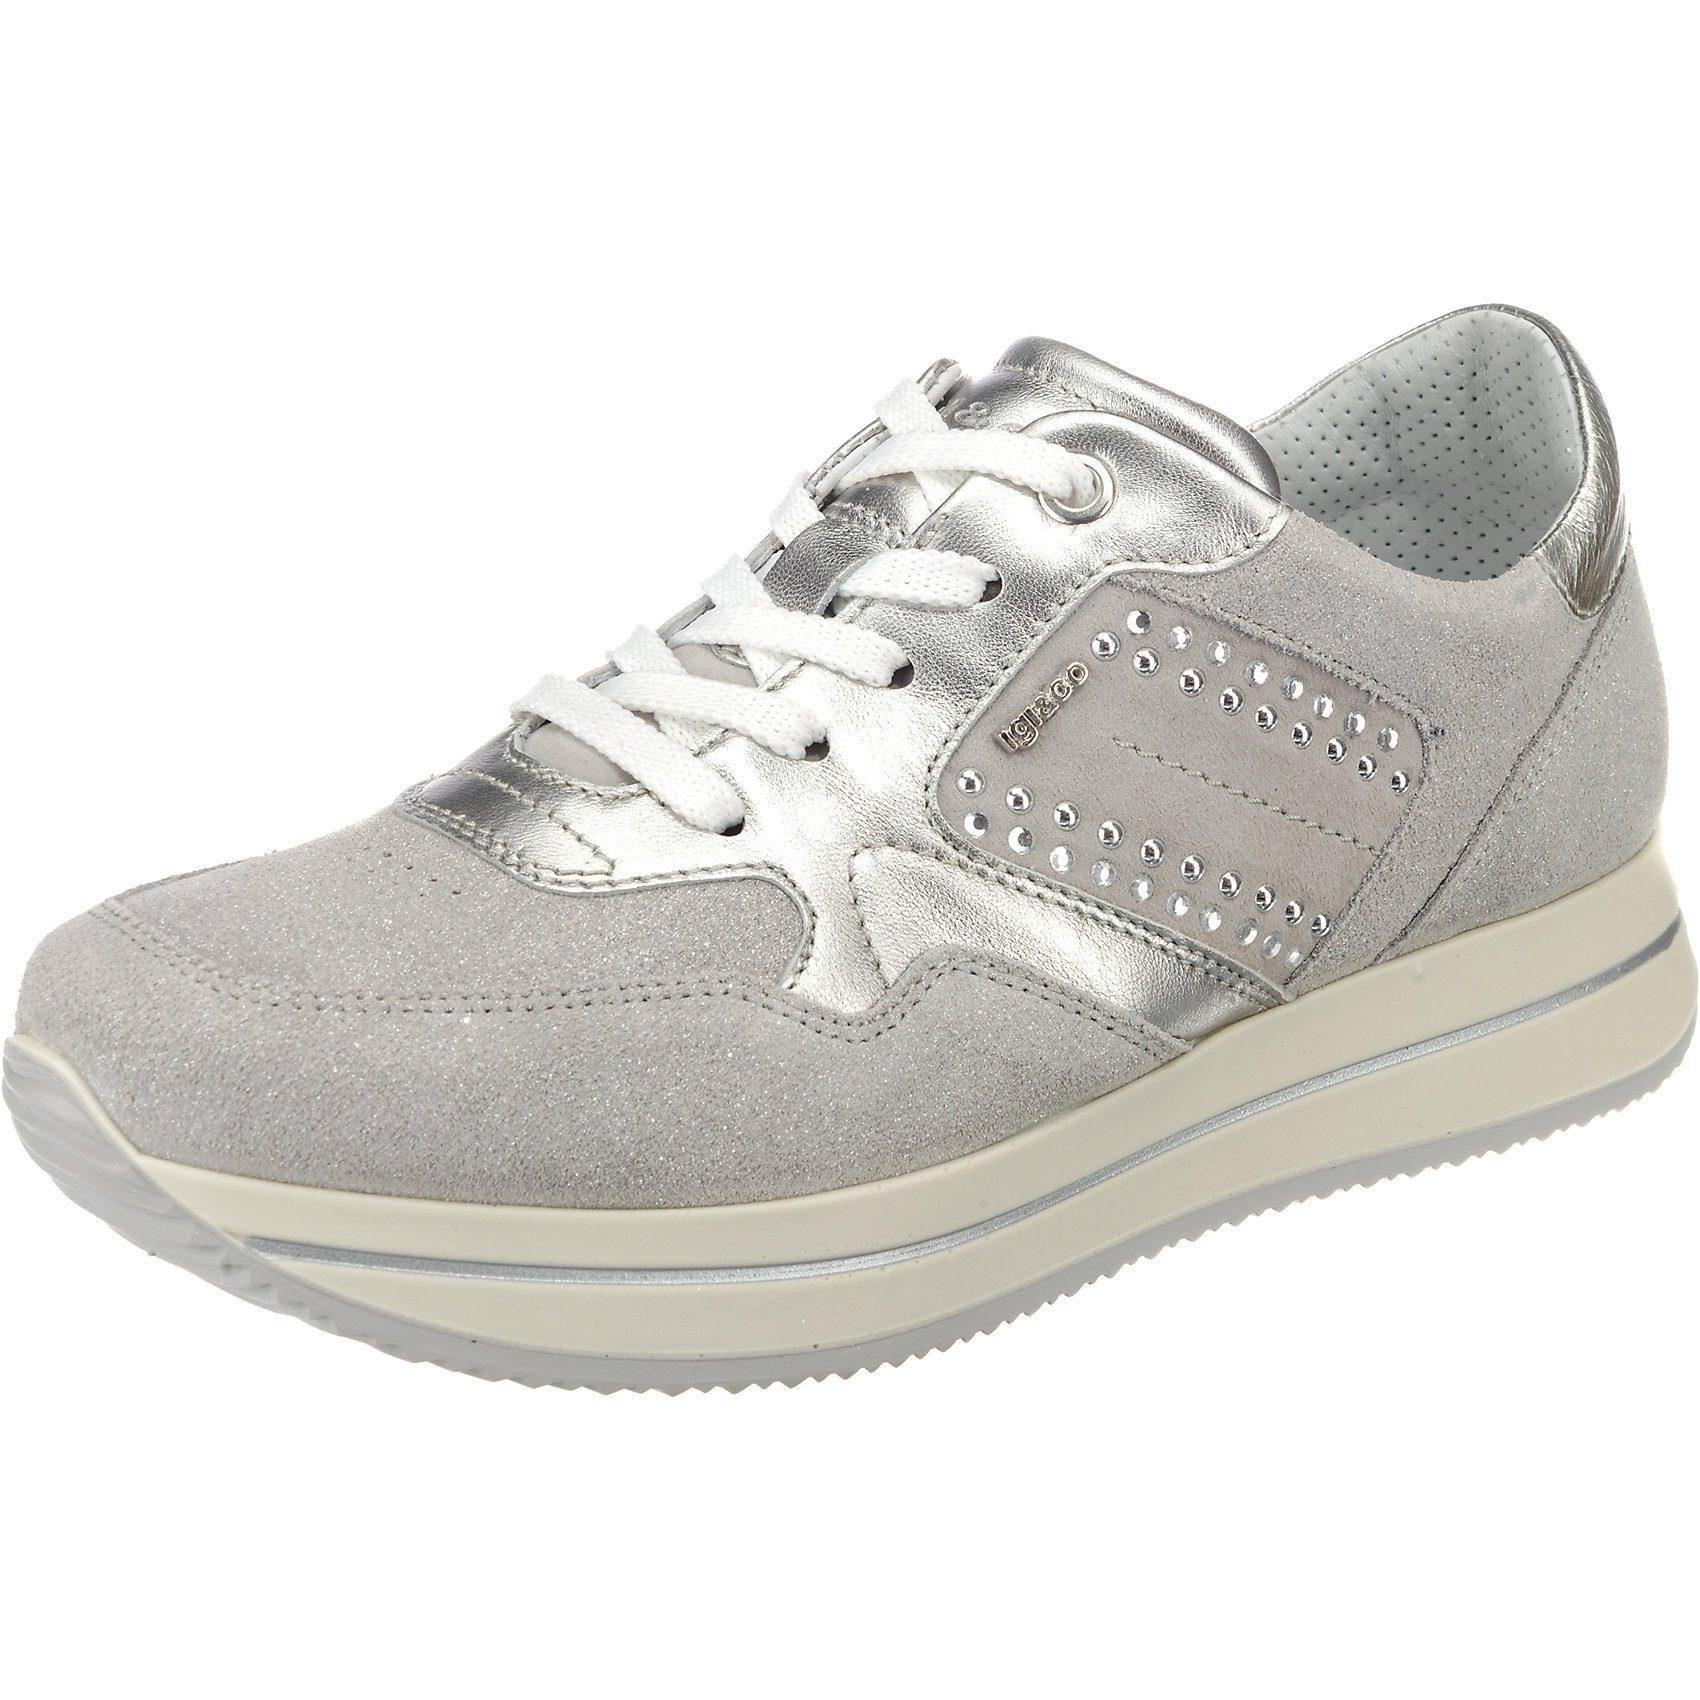 IGI & CO DKU 11542 Sneakers Low online kaufen  silber-kombi